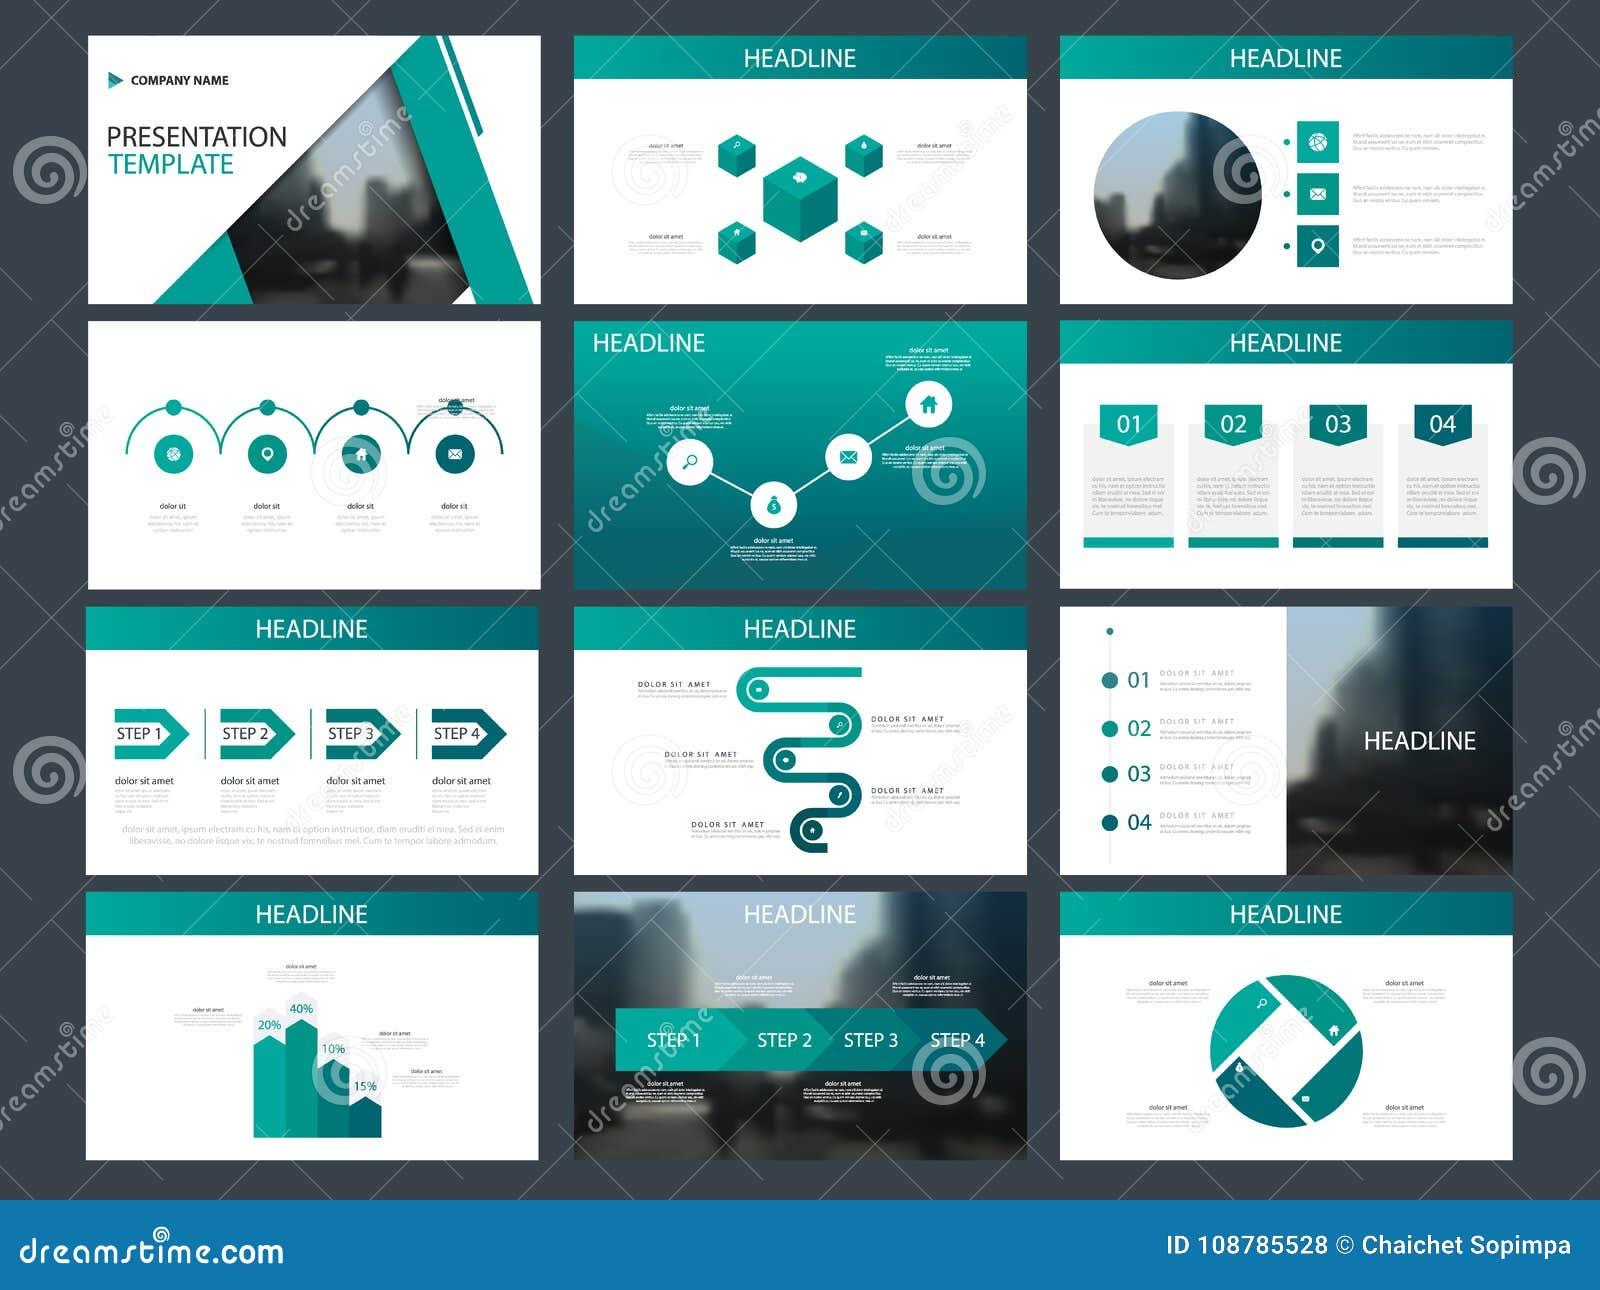 绿色三角捆绑infographic元素介绍模板 企业年终报告,小册子,传单,广告飞行物,